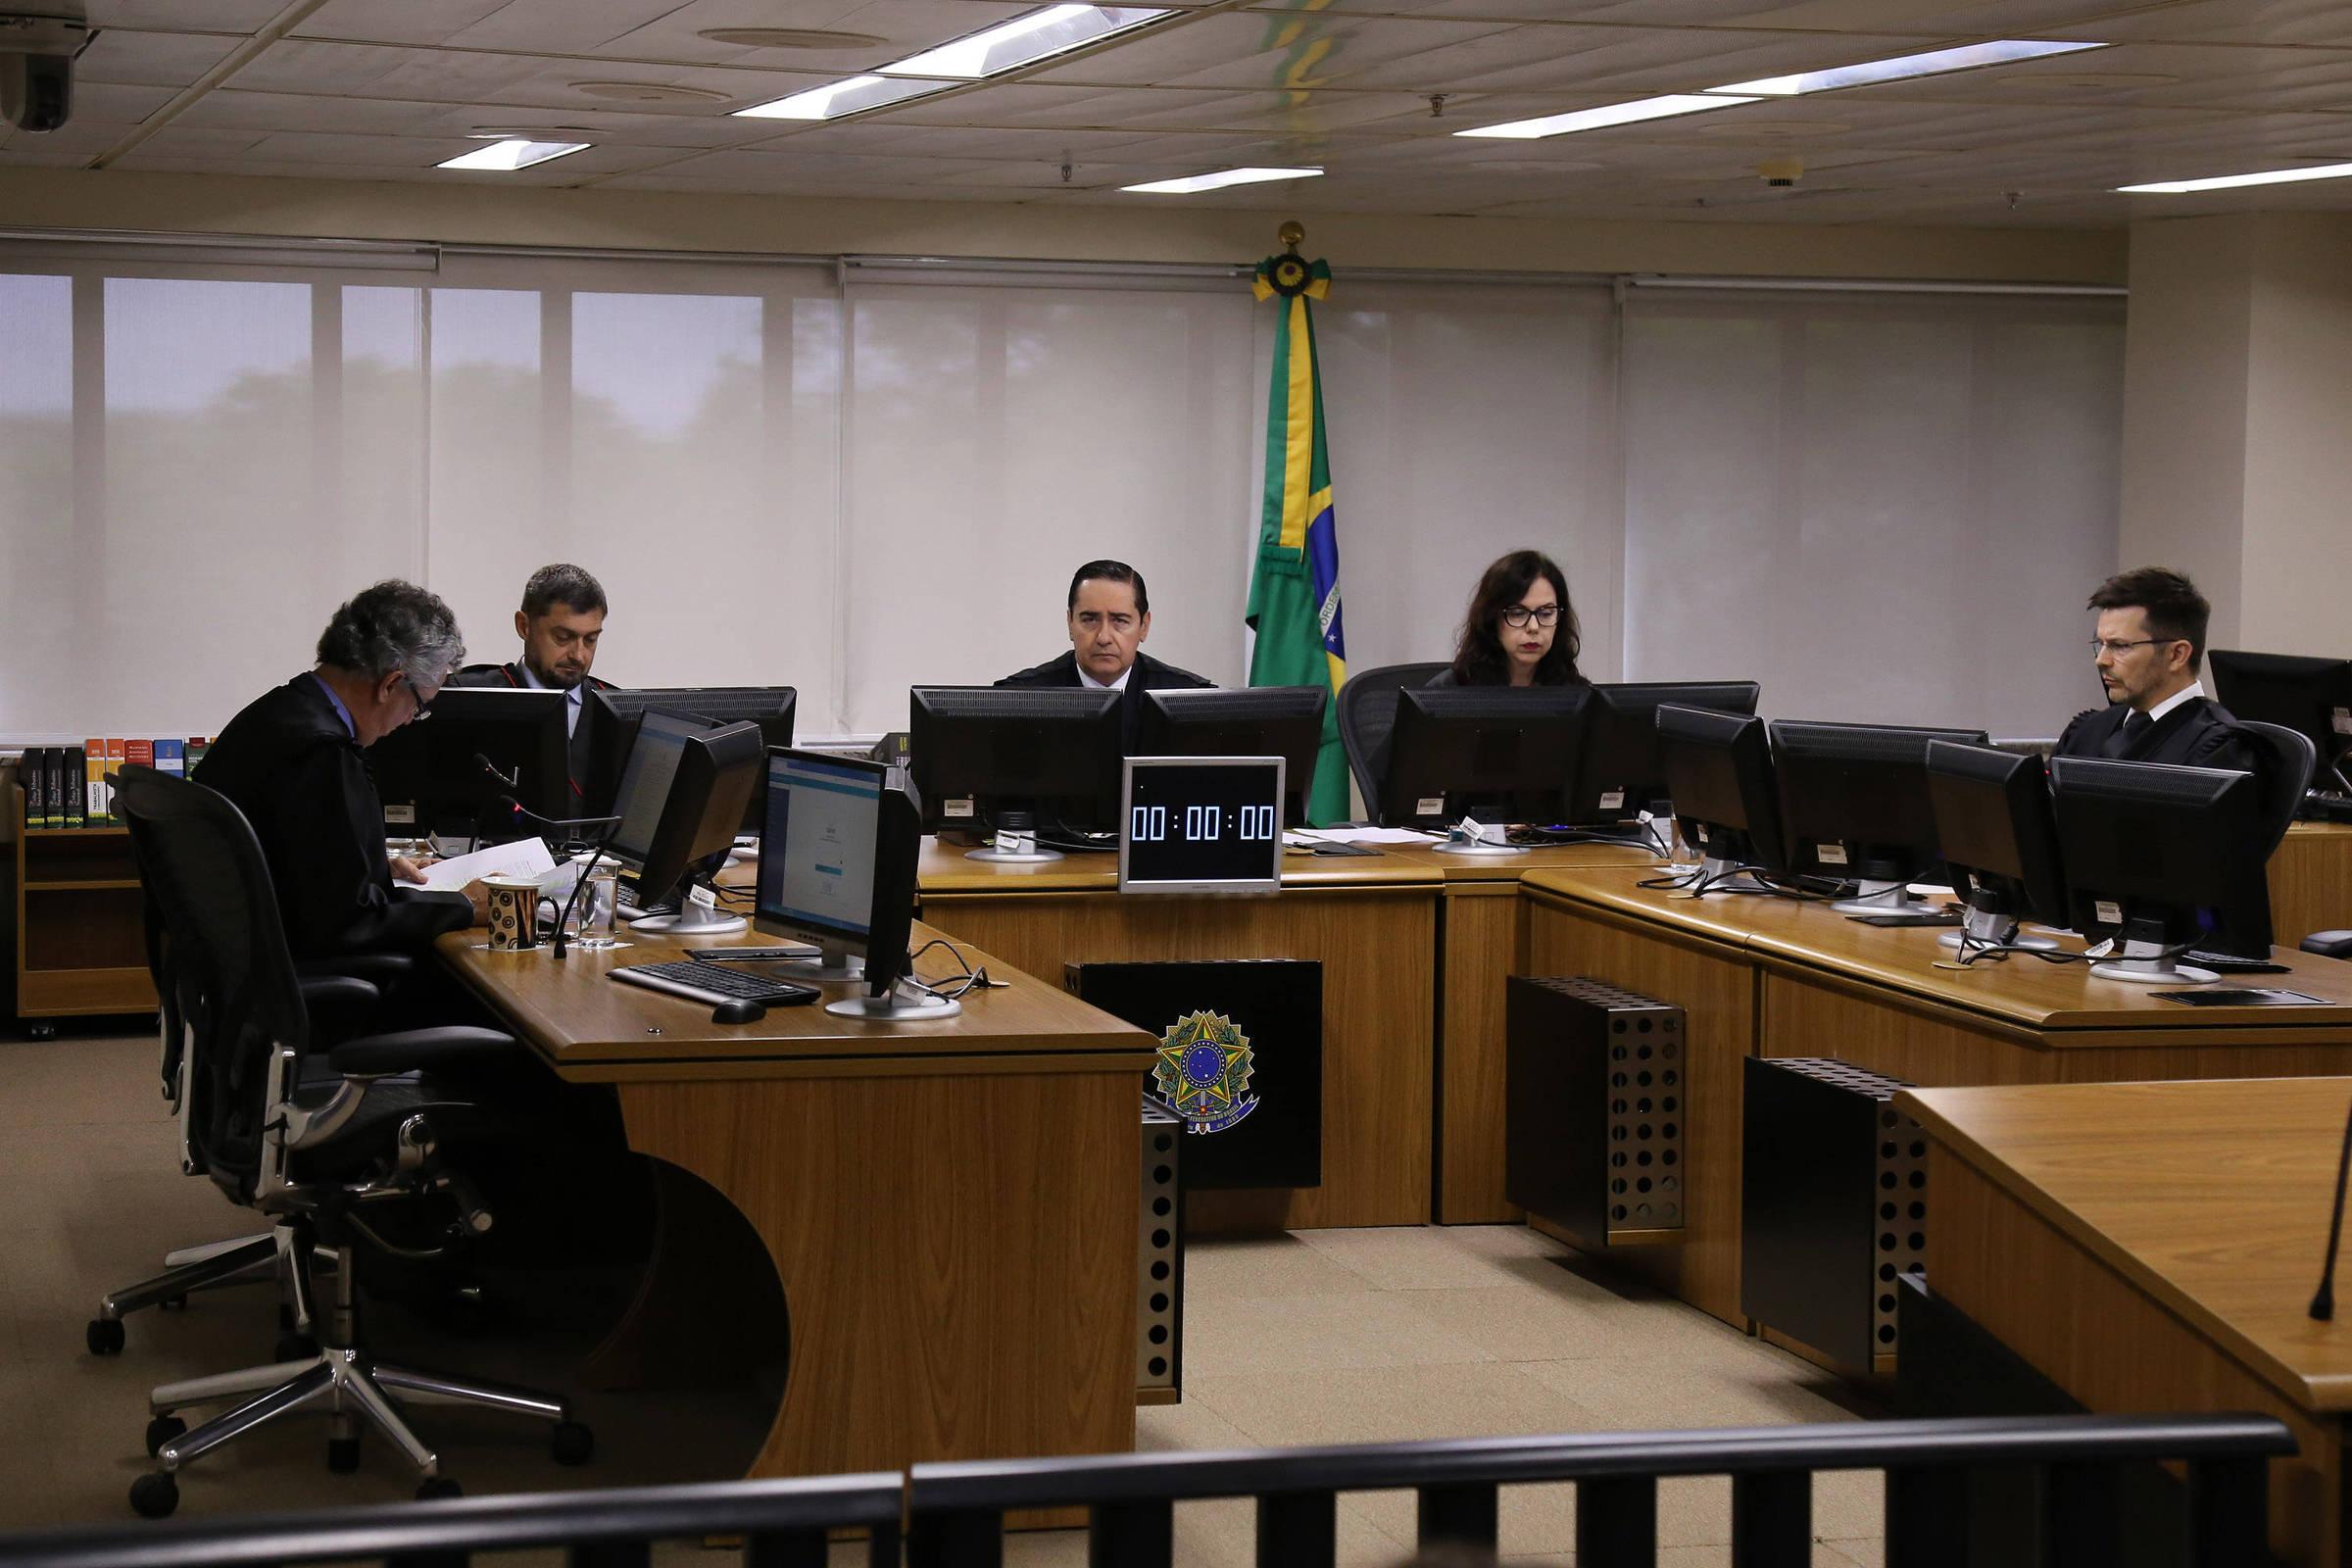 Juízes federais julgam recursos de Lula no caso do sítio de Atibaia, na última quarta (27), no TRF-4